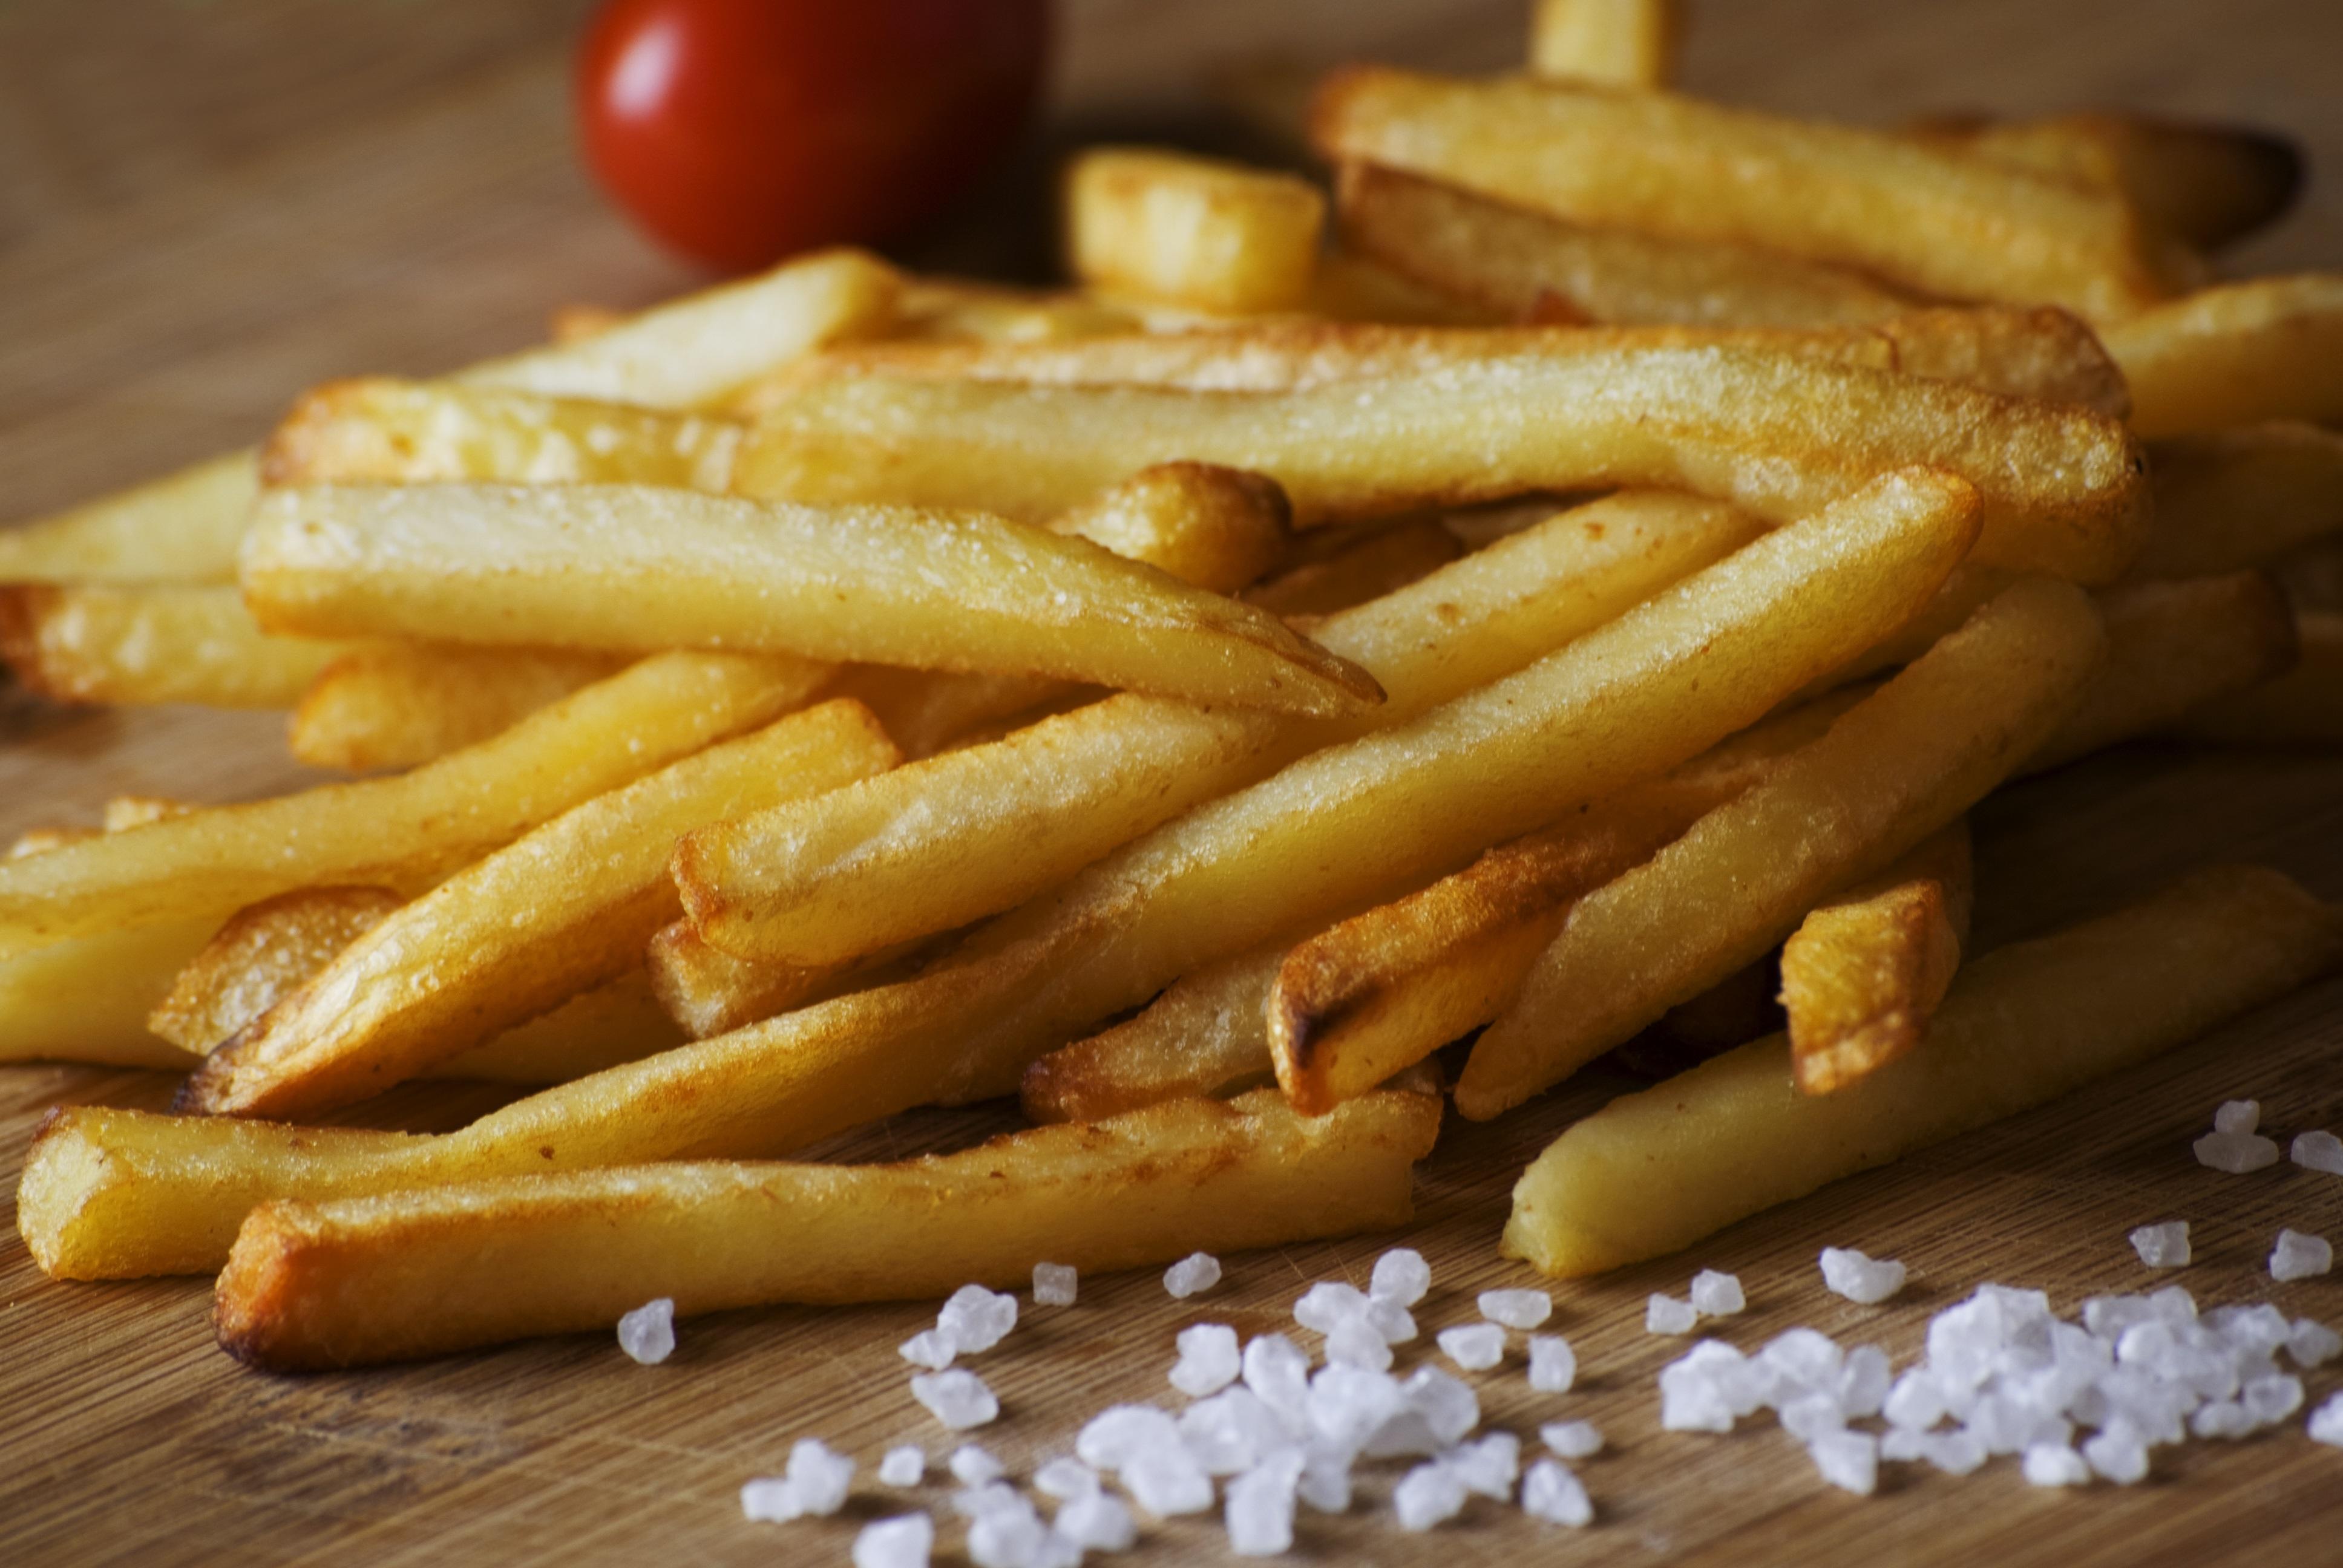 mcdonald's gold fries toronto